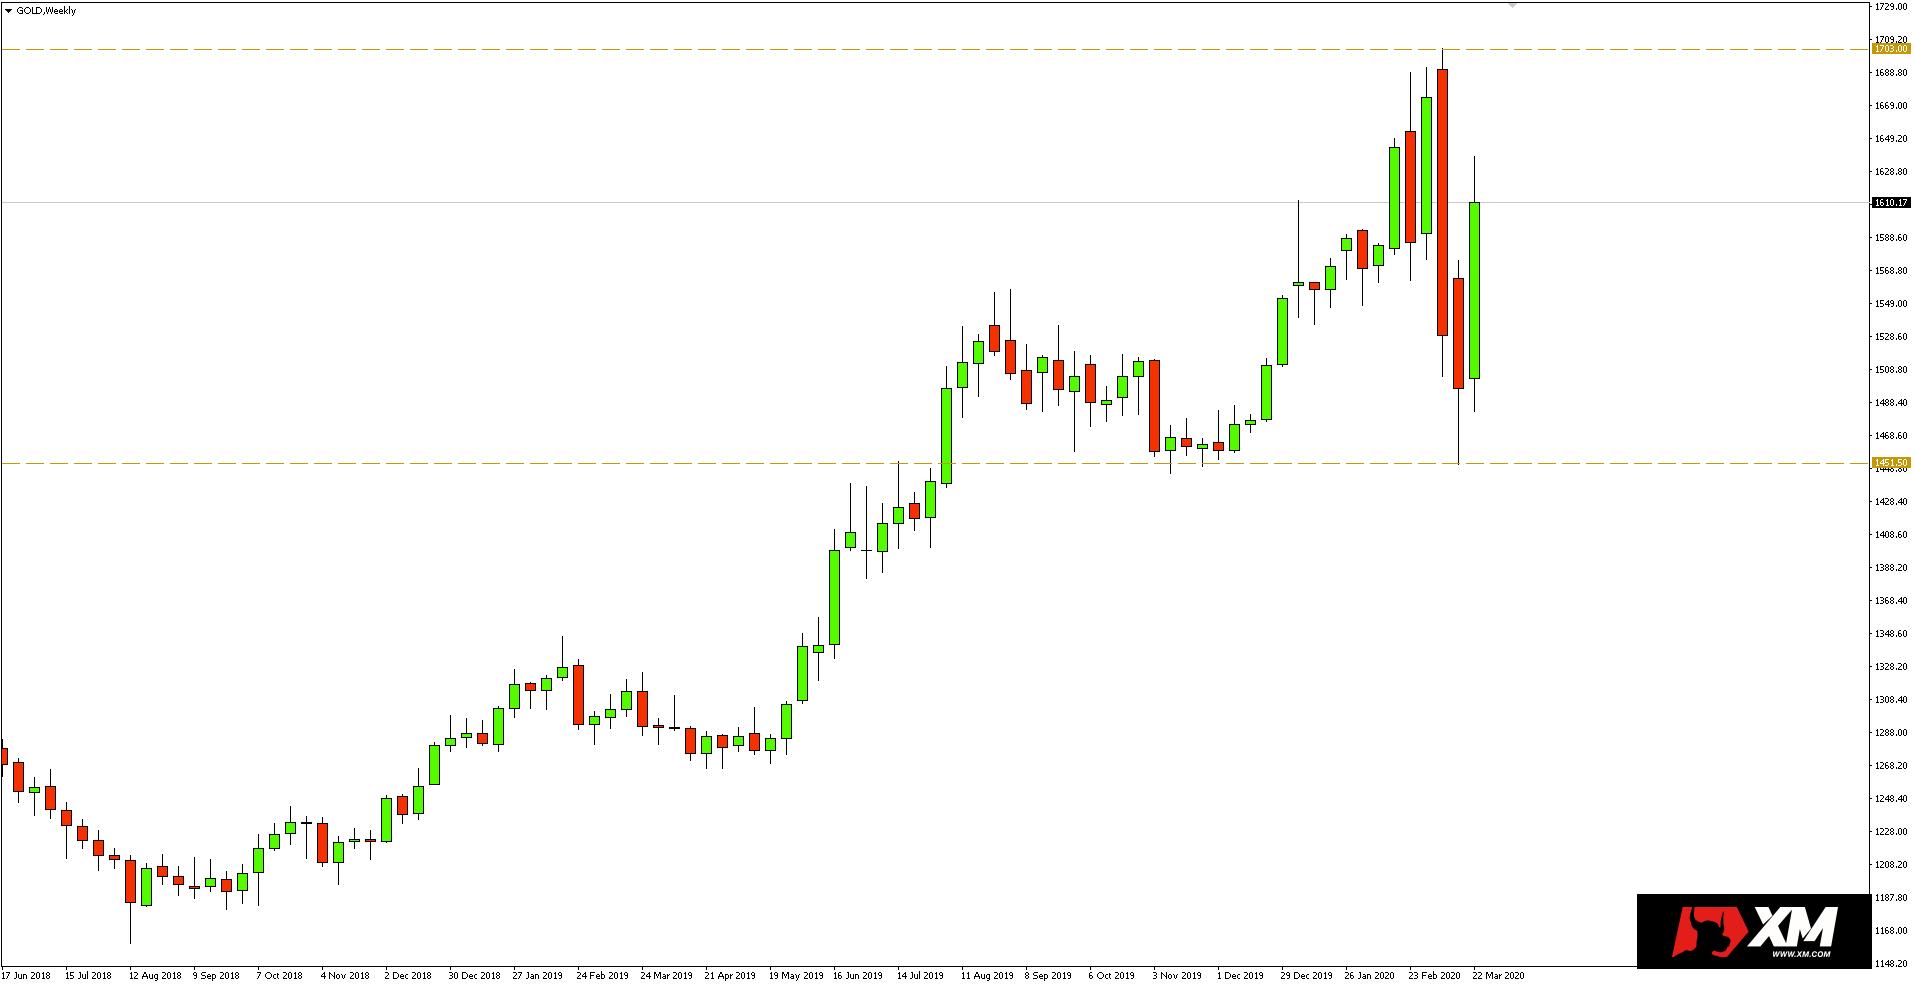 Wykres tygodniowy kursu złota - 25 marca 2020 r.